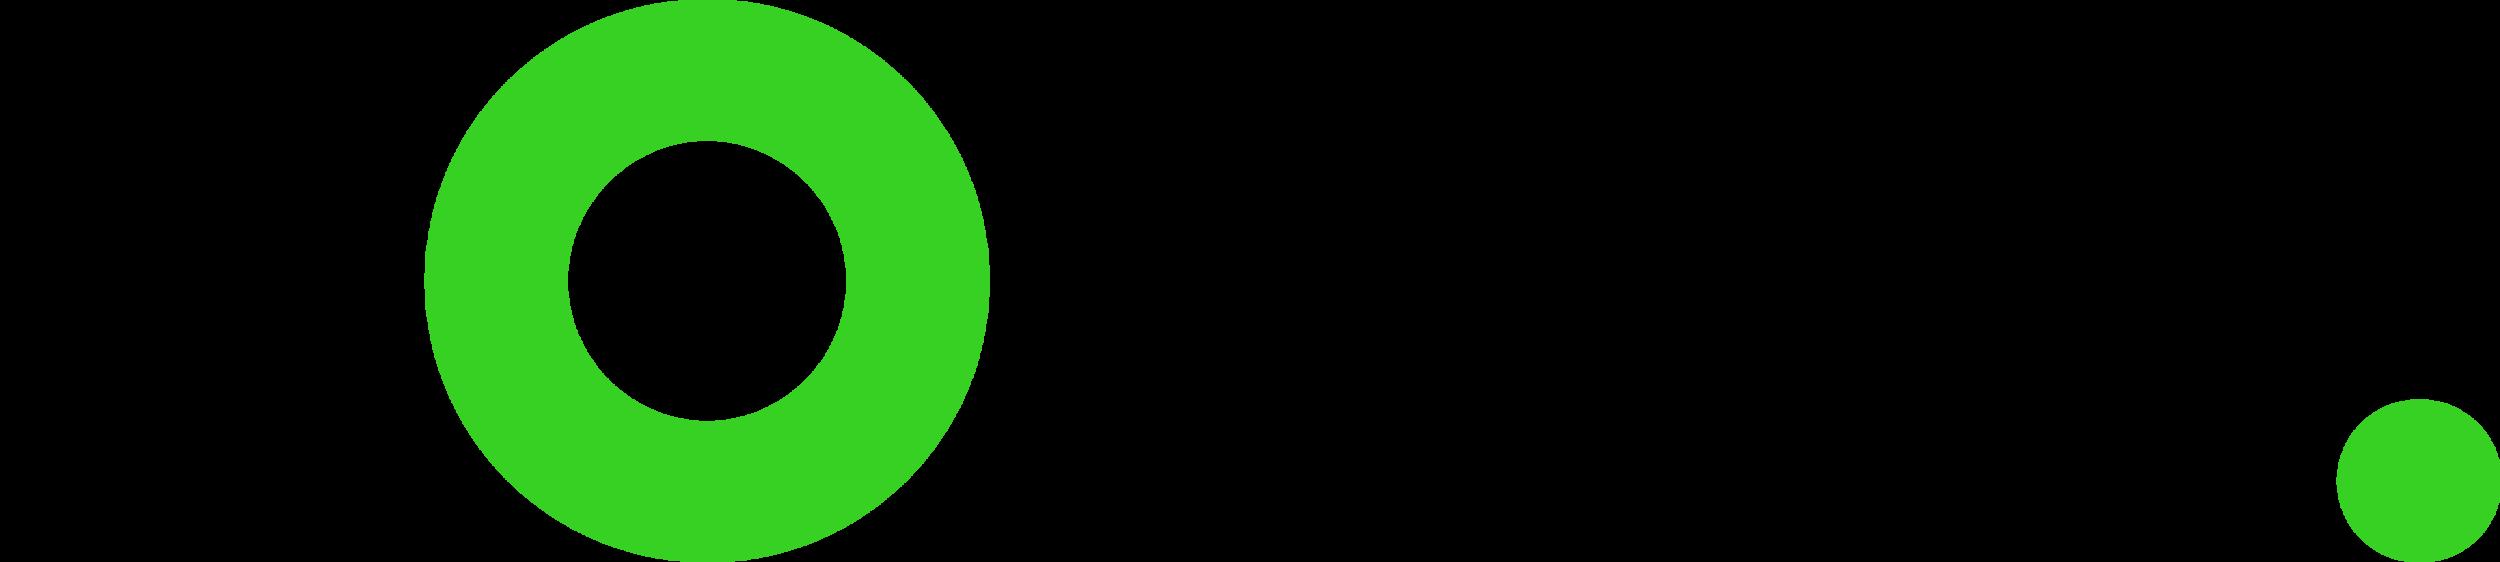 logo_corus_RGB_blk_green_hi.png